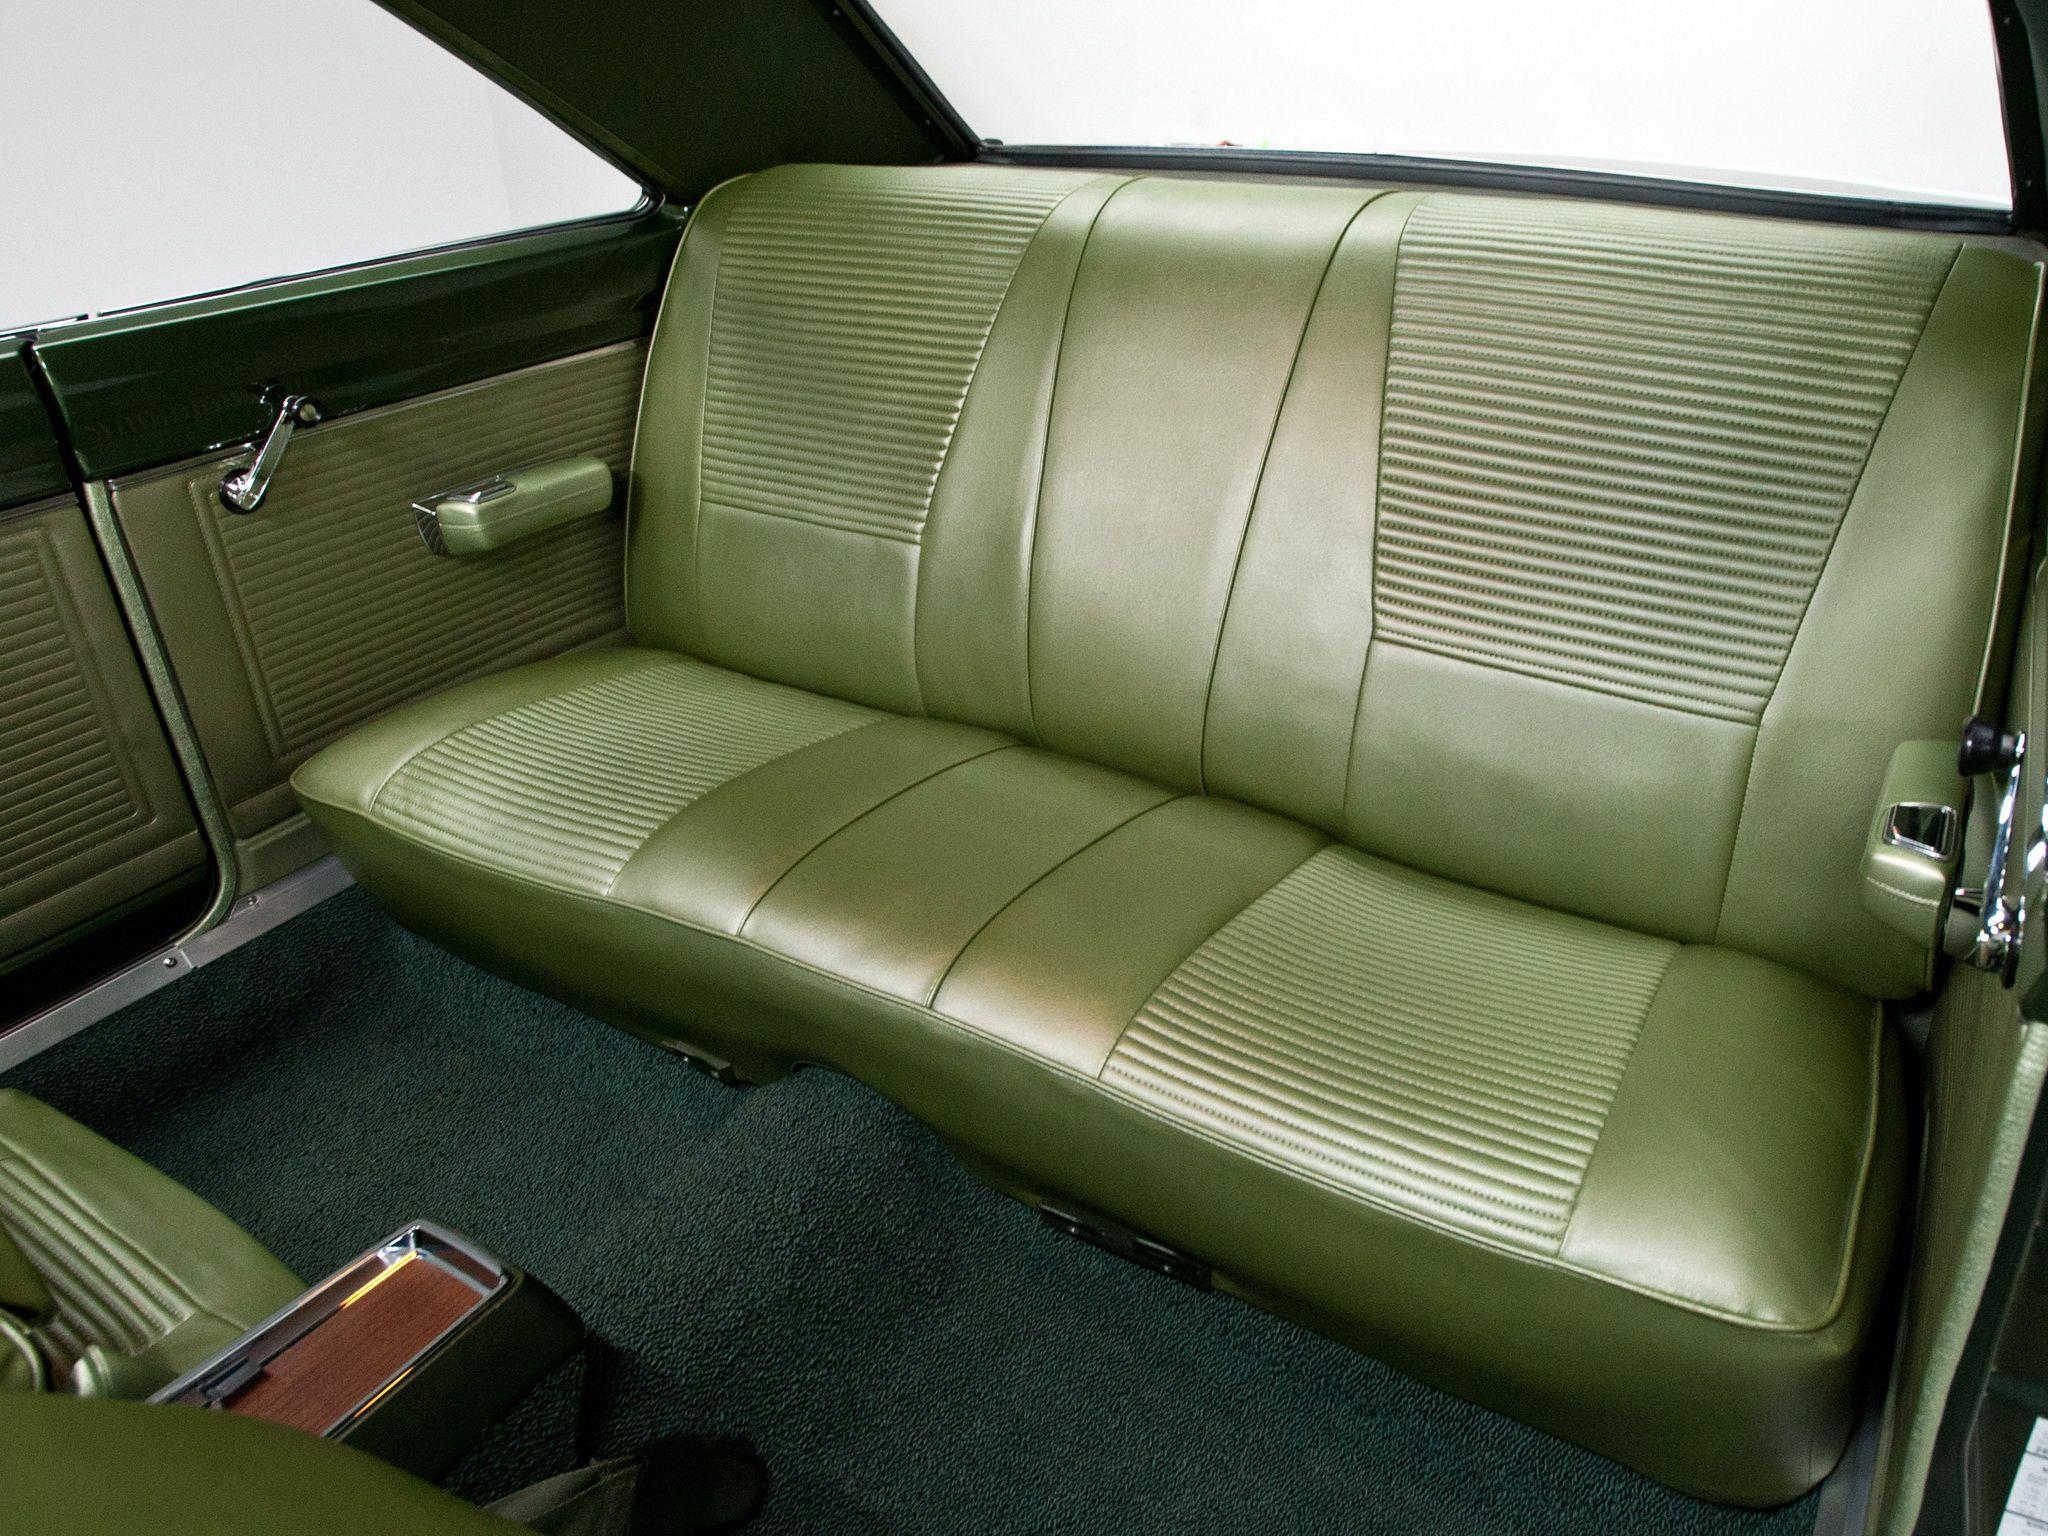 1969 Dodge Dart Gts 440 Dodge Dart Custom Cars Dodge